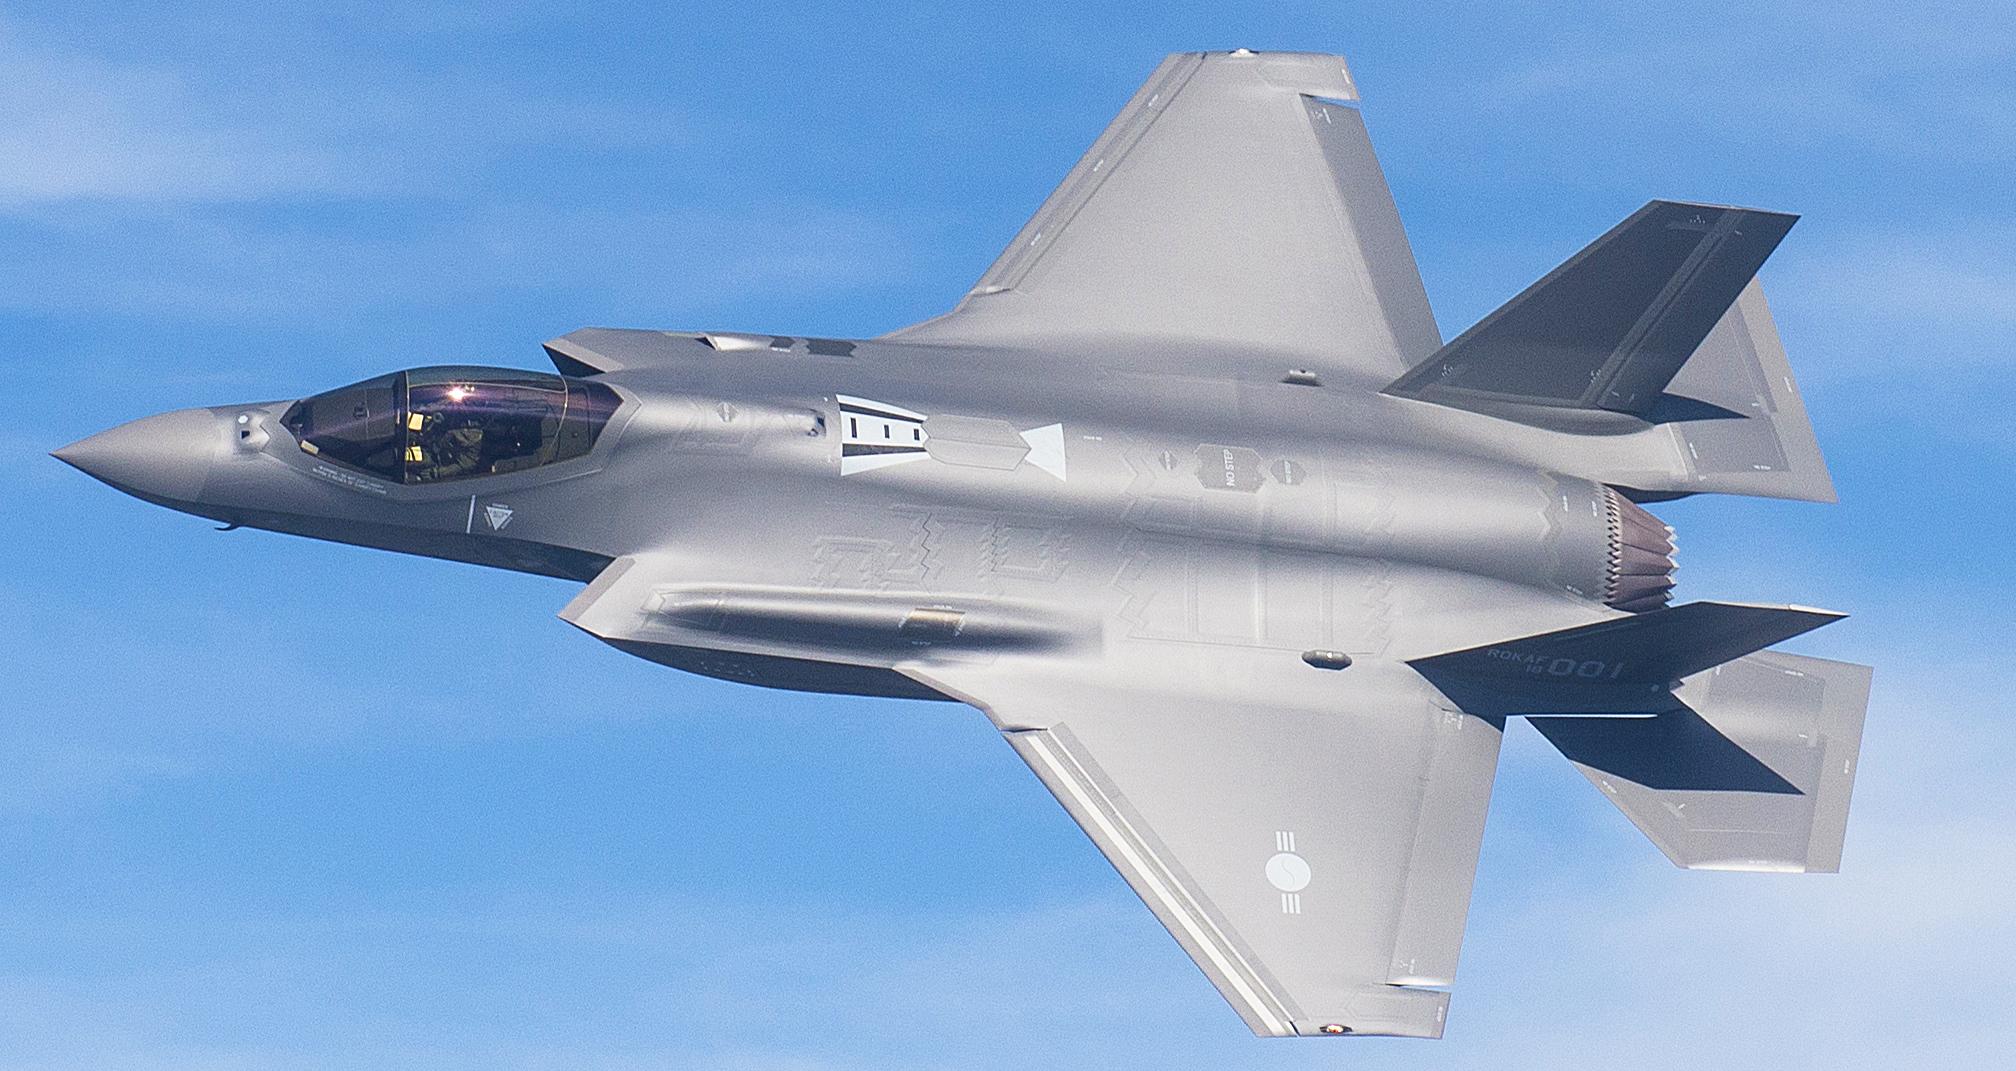 한국 공군의 F-35A 1호기가 지난해 3월 미국 텍사스주 포트워스 록히드마틴사 최종 조립공장에서 열린 출고행사에서 시험비행하고 있다. [사진 방위산업청]